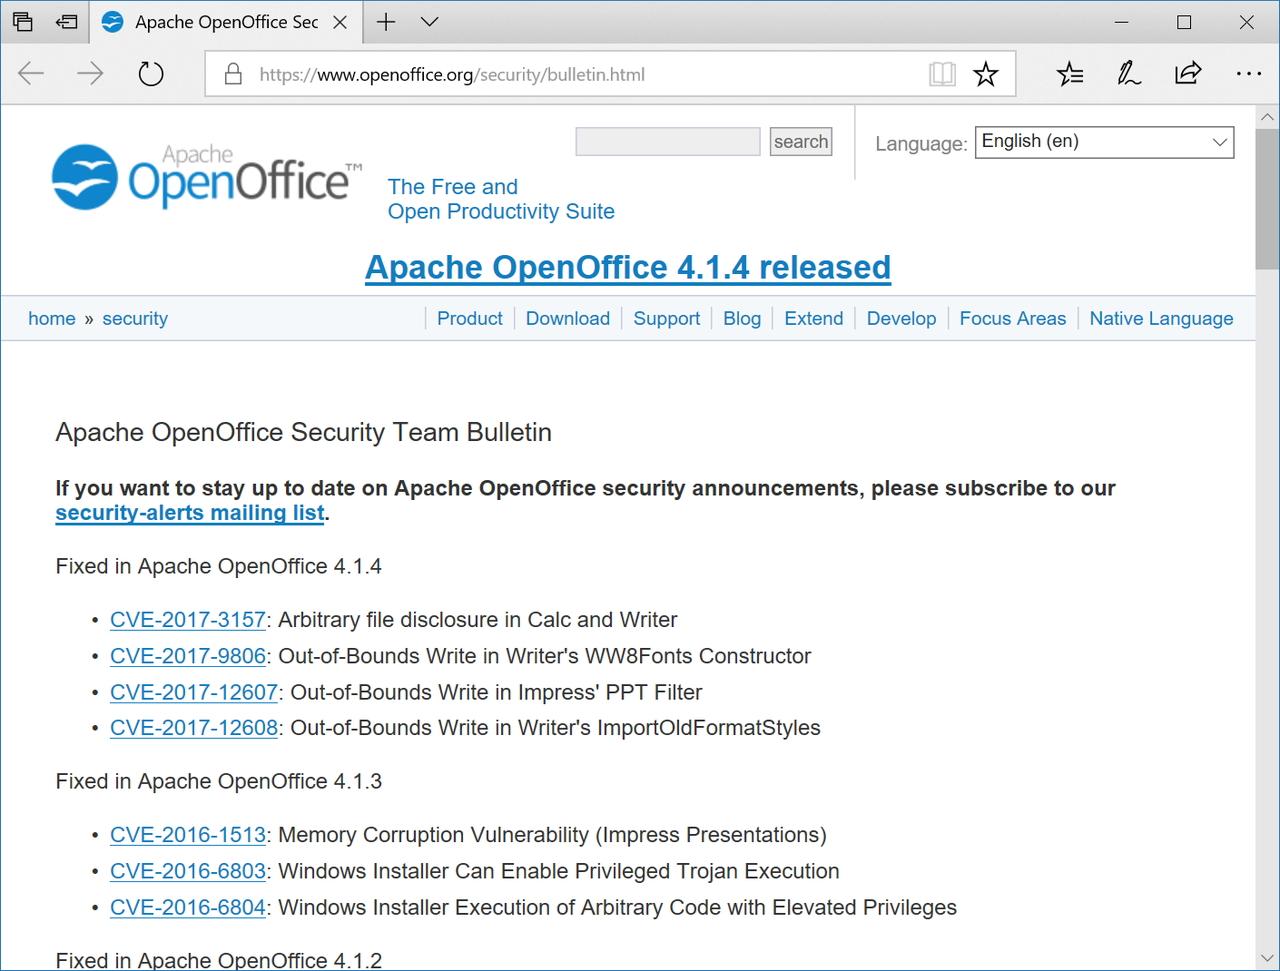 「Apache OpenOffice」のセキュリティ情報ページ